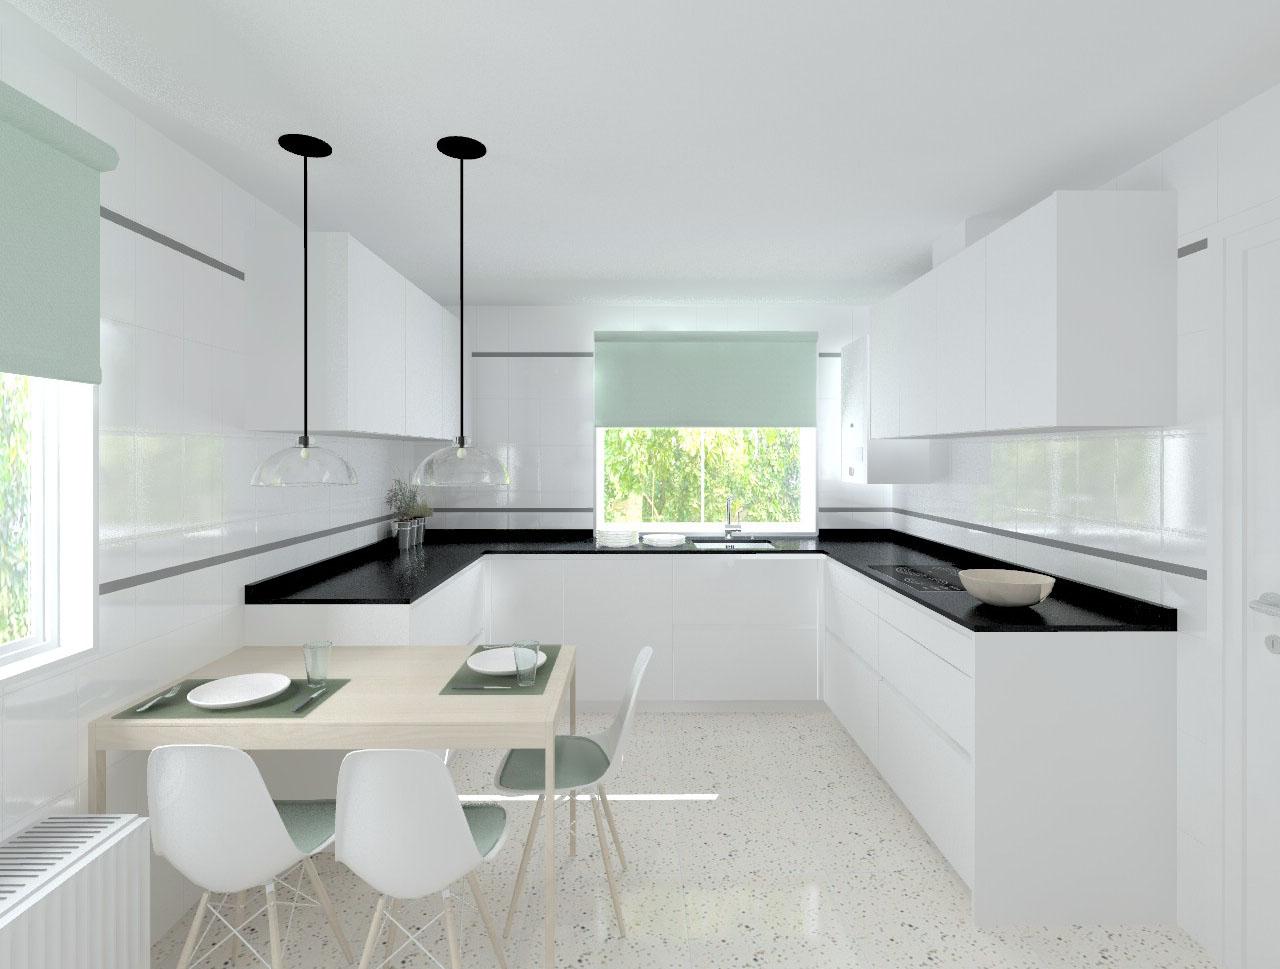 Madrid cocina santos modelo line l blanco seda mate for Cocina blanca encimera negra